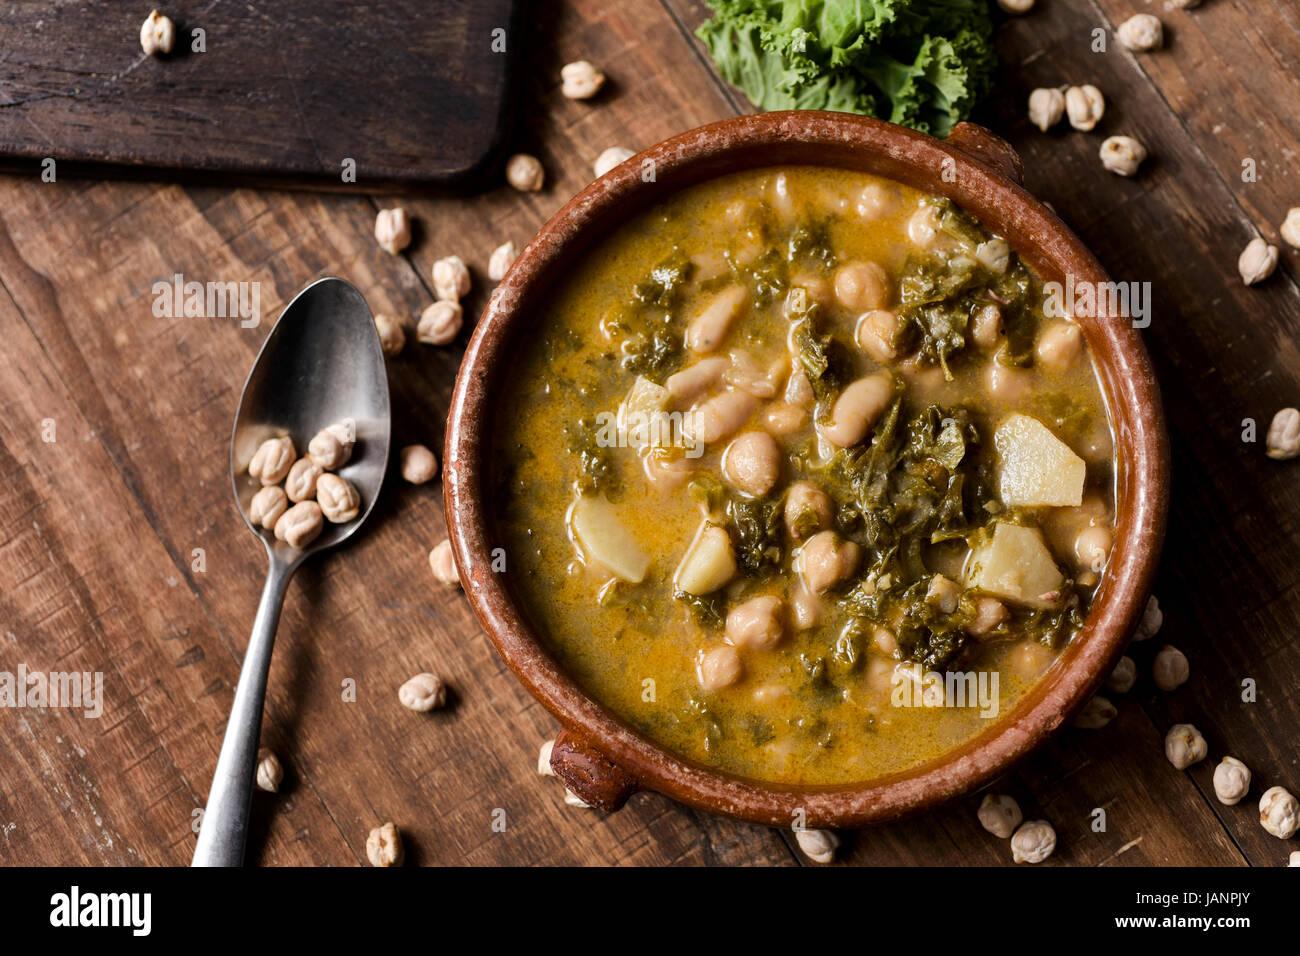 Libre d'un bol en terre cuite avec des pommes de terre ragoût de chou et les pois chiches, sur une table Photo Stock